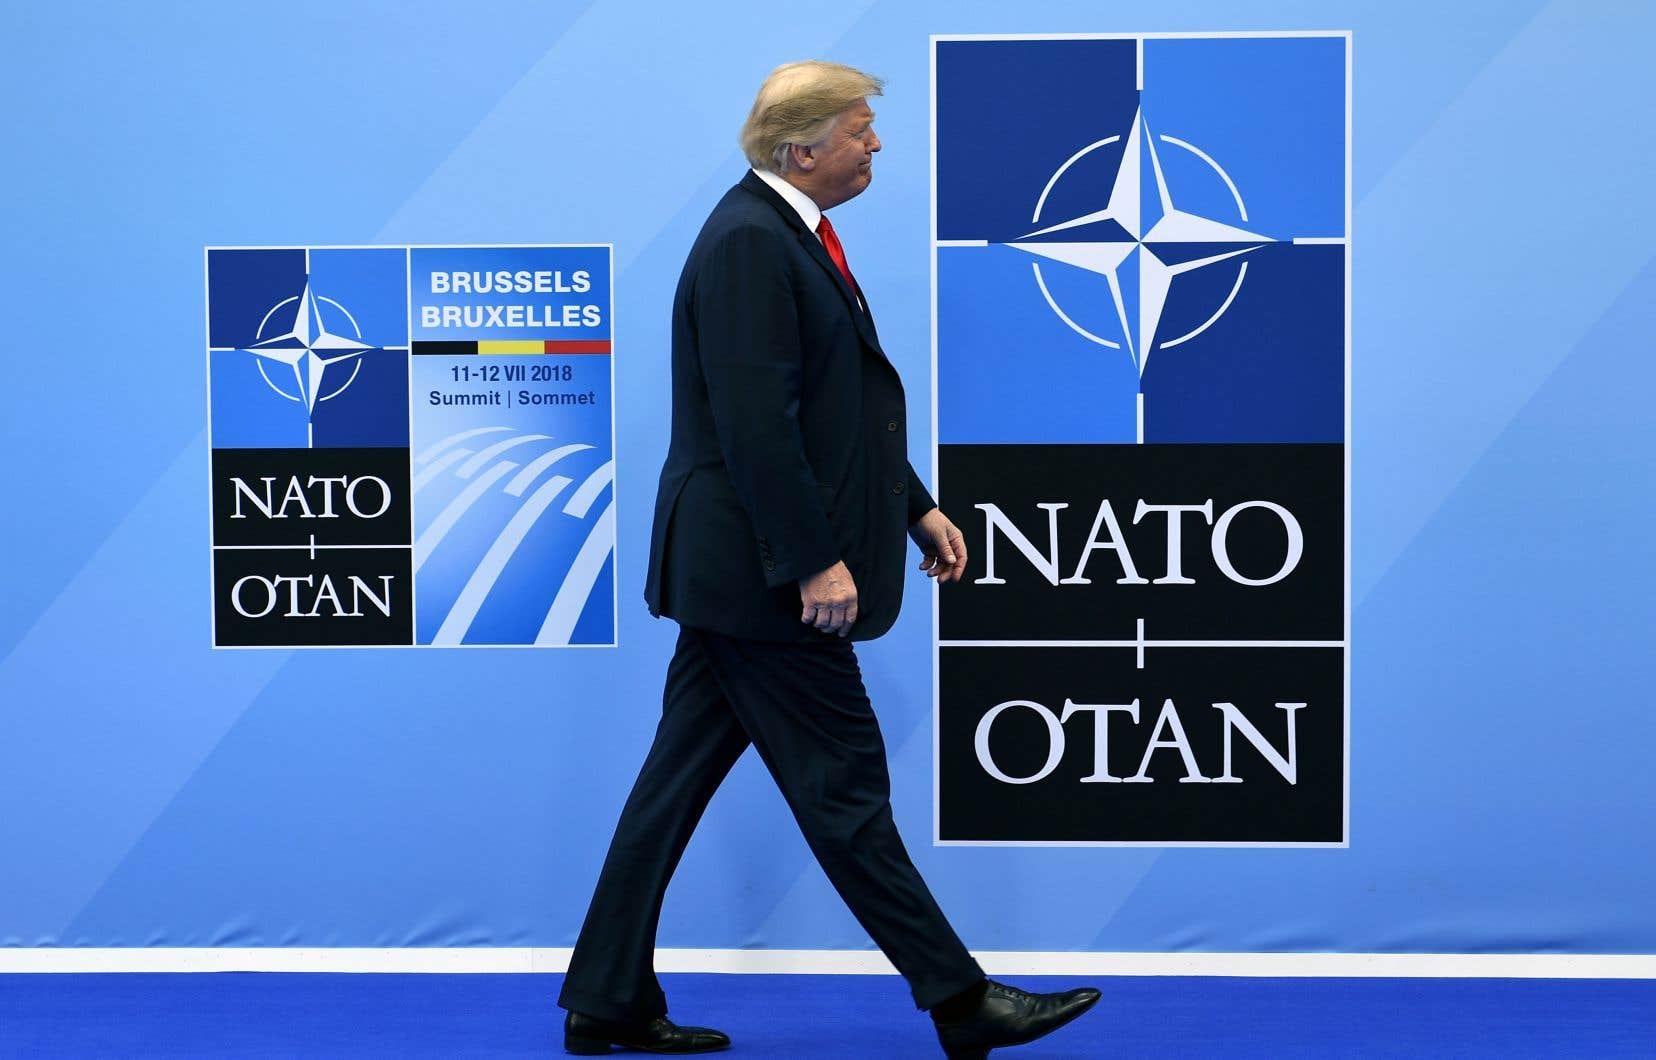 Le président des États-Unis, Donald Trump, a continué de bousculer ses alliés au sommet de l'OTAN qui se tient à Bruxelles.